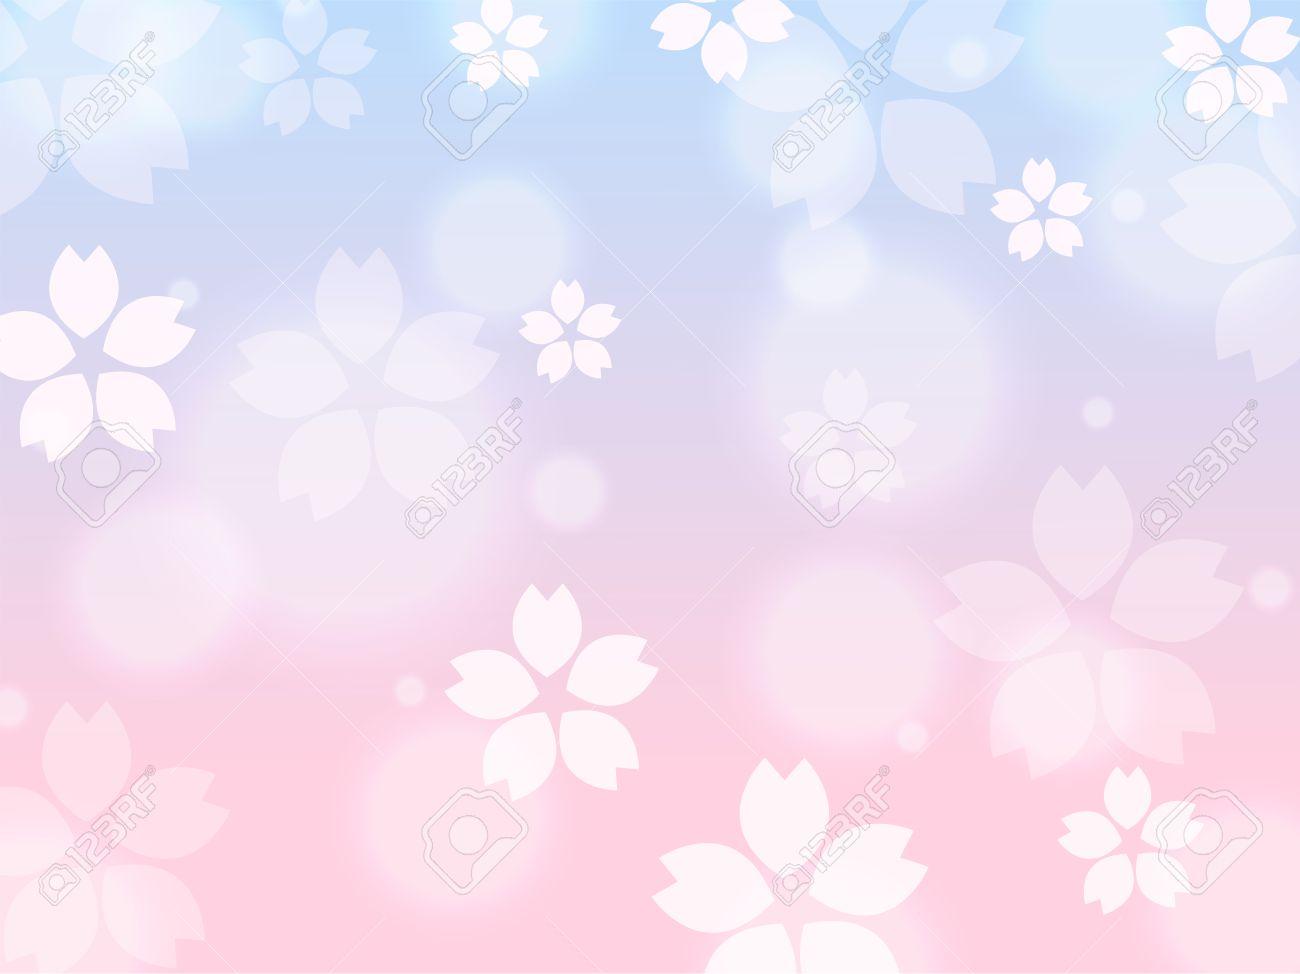 ブルー ピンクさくら桜春背景イラスト ロイヤリティフリークリップアート